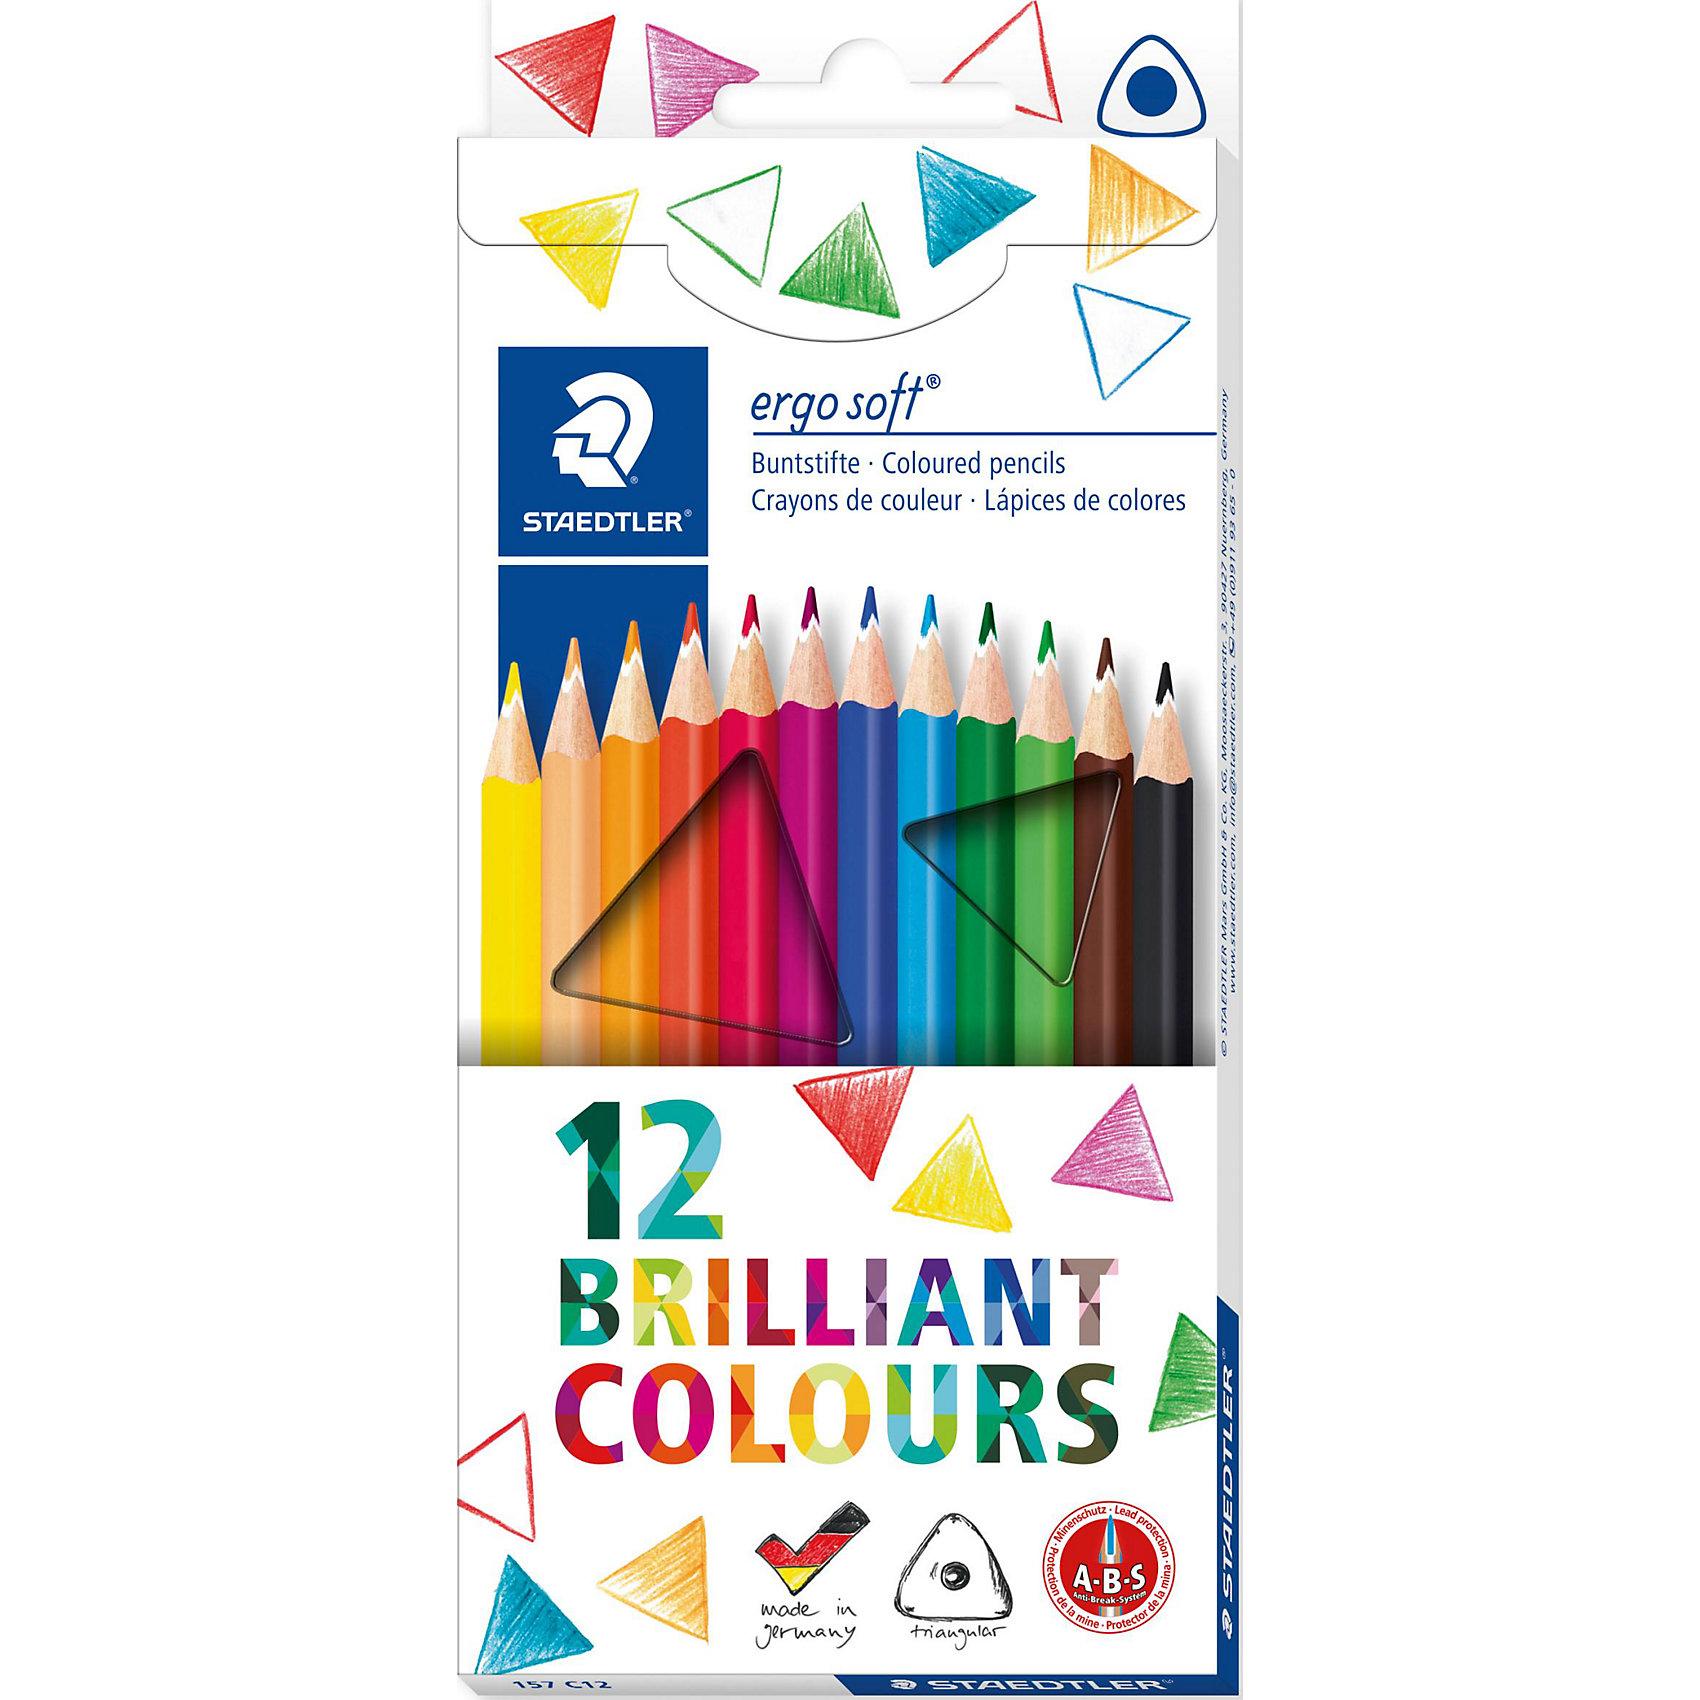 Staedtler Карандаши Цветные Ergosoft трехгранные 157, 12 цв.Письменные принадлежности<br>Staedtler Карандаши цветоветаетные Ergosoft трехгранные 157, 12 цветов, картонная коробка. <br>Эргономичная трёхгранная форма, нескользящее покрытие. <br>Коробка-подставка.<br><br>Ширина мм: 197<br>Глубина мм: 89<br>Высота мм: 10<br>Вес г: 77<br>Возраст от месяцев: 72<br>Возраст до месяцев: 1236<br>Пол: Унисекс<br>Возраст: Детский<br>SKU: 3274516